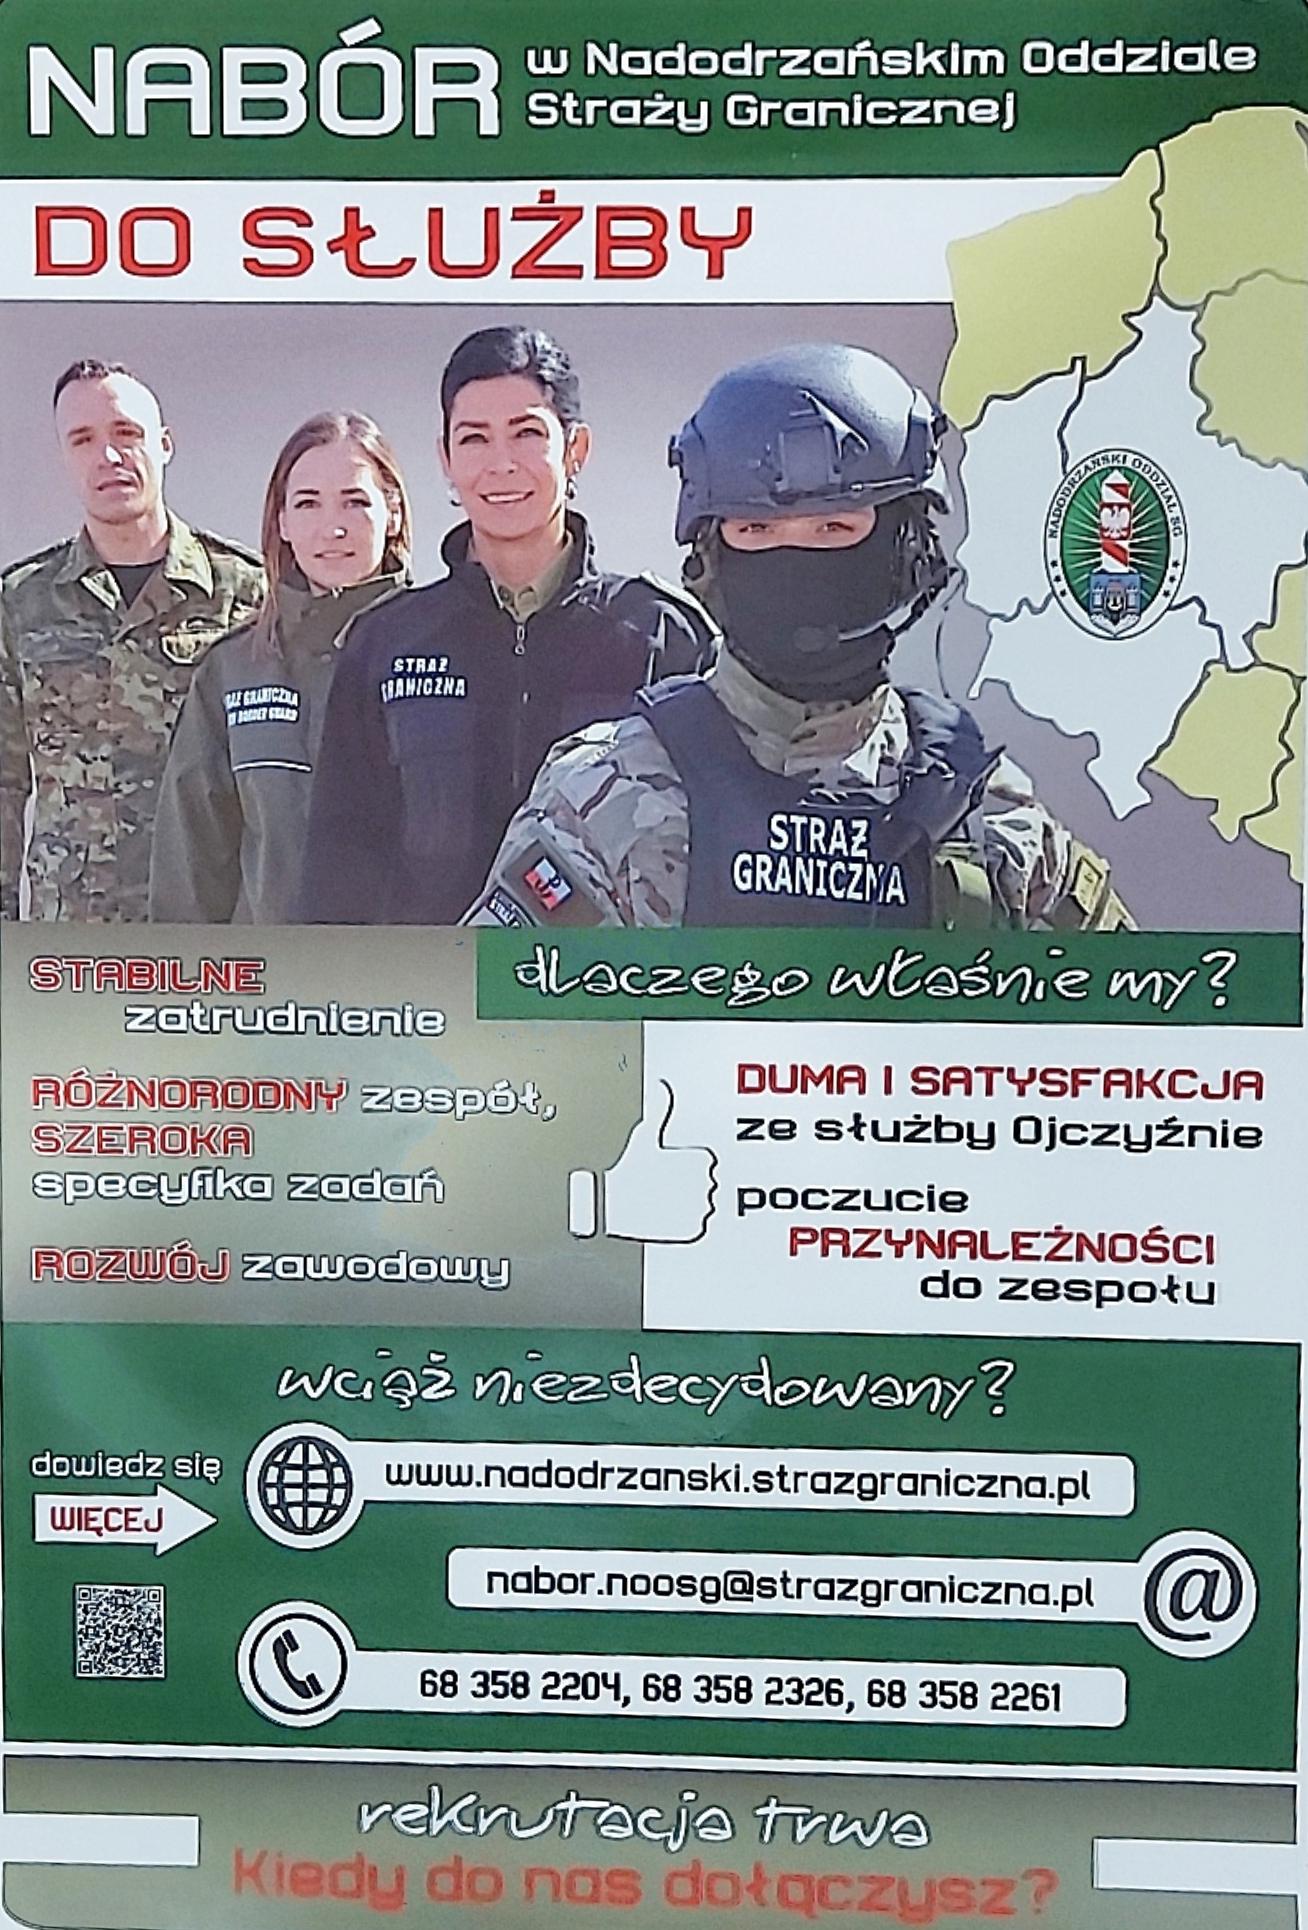 Ilustracja do informacji: Nadodrzański Oddział Straży Granicznej zaprasza do służby